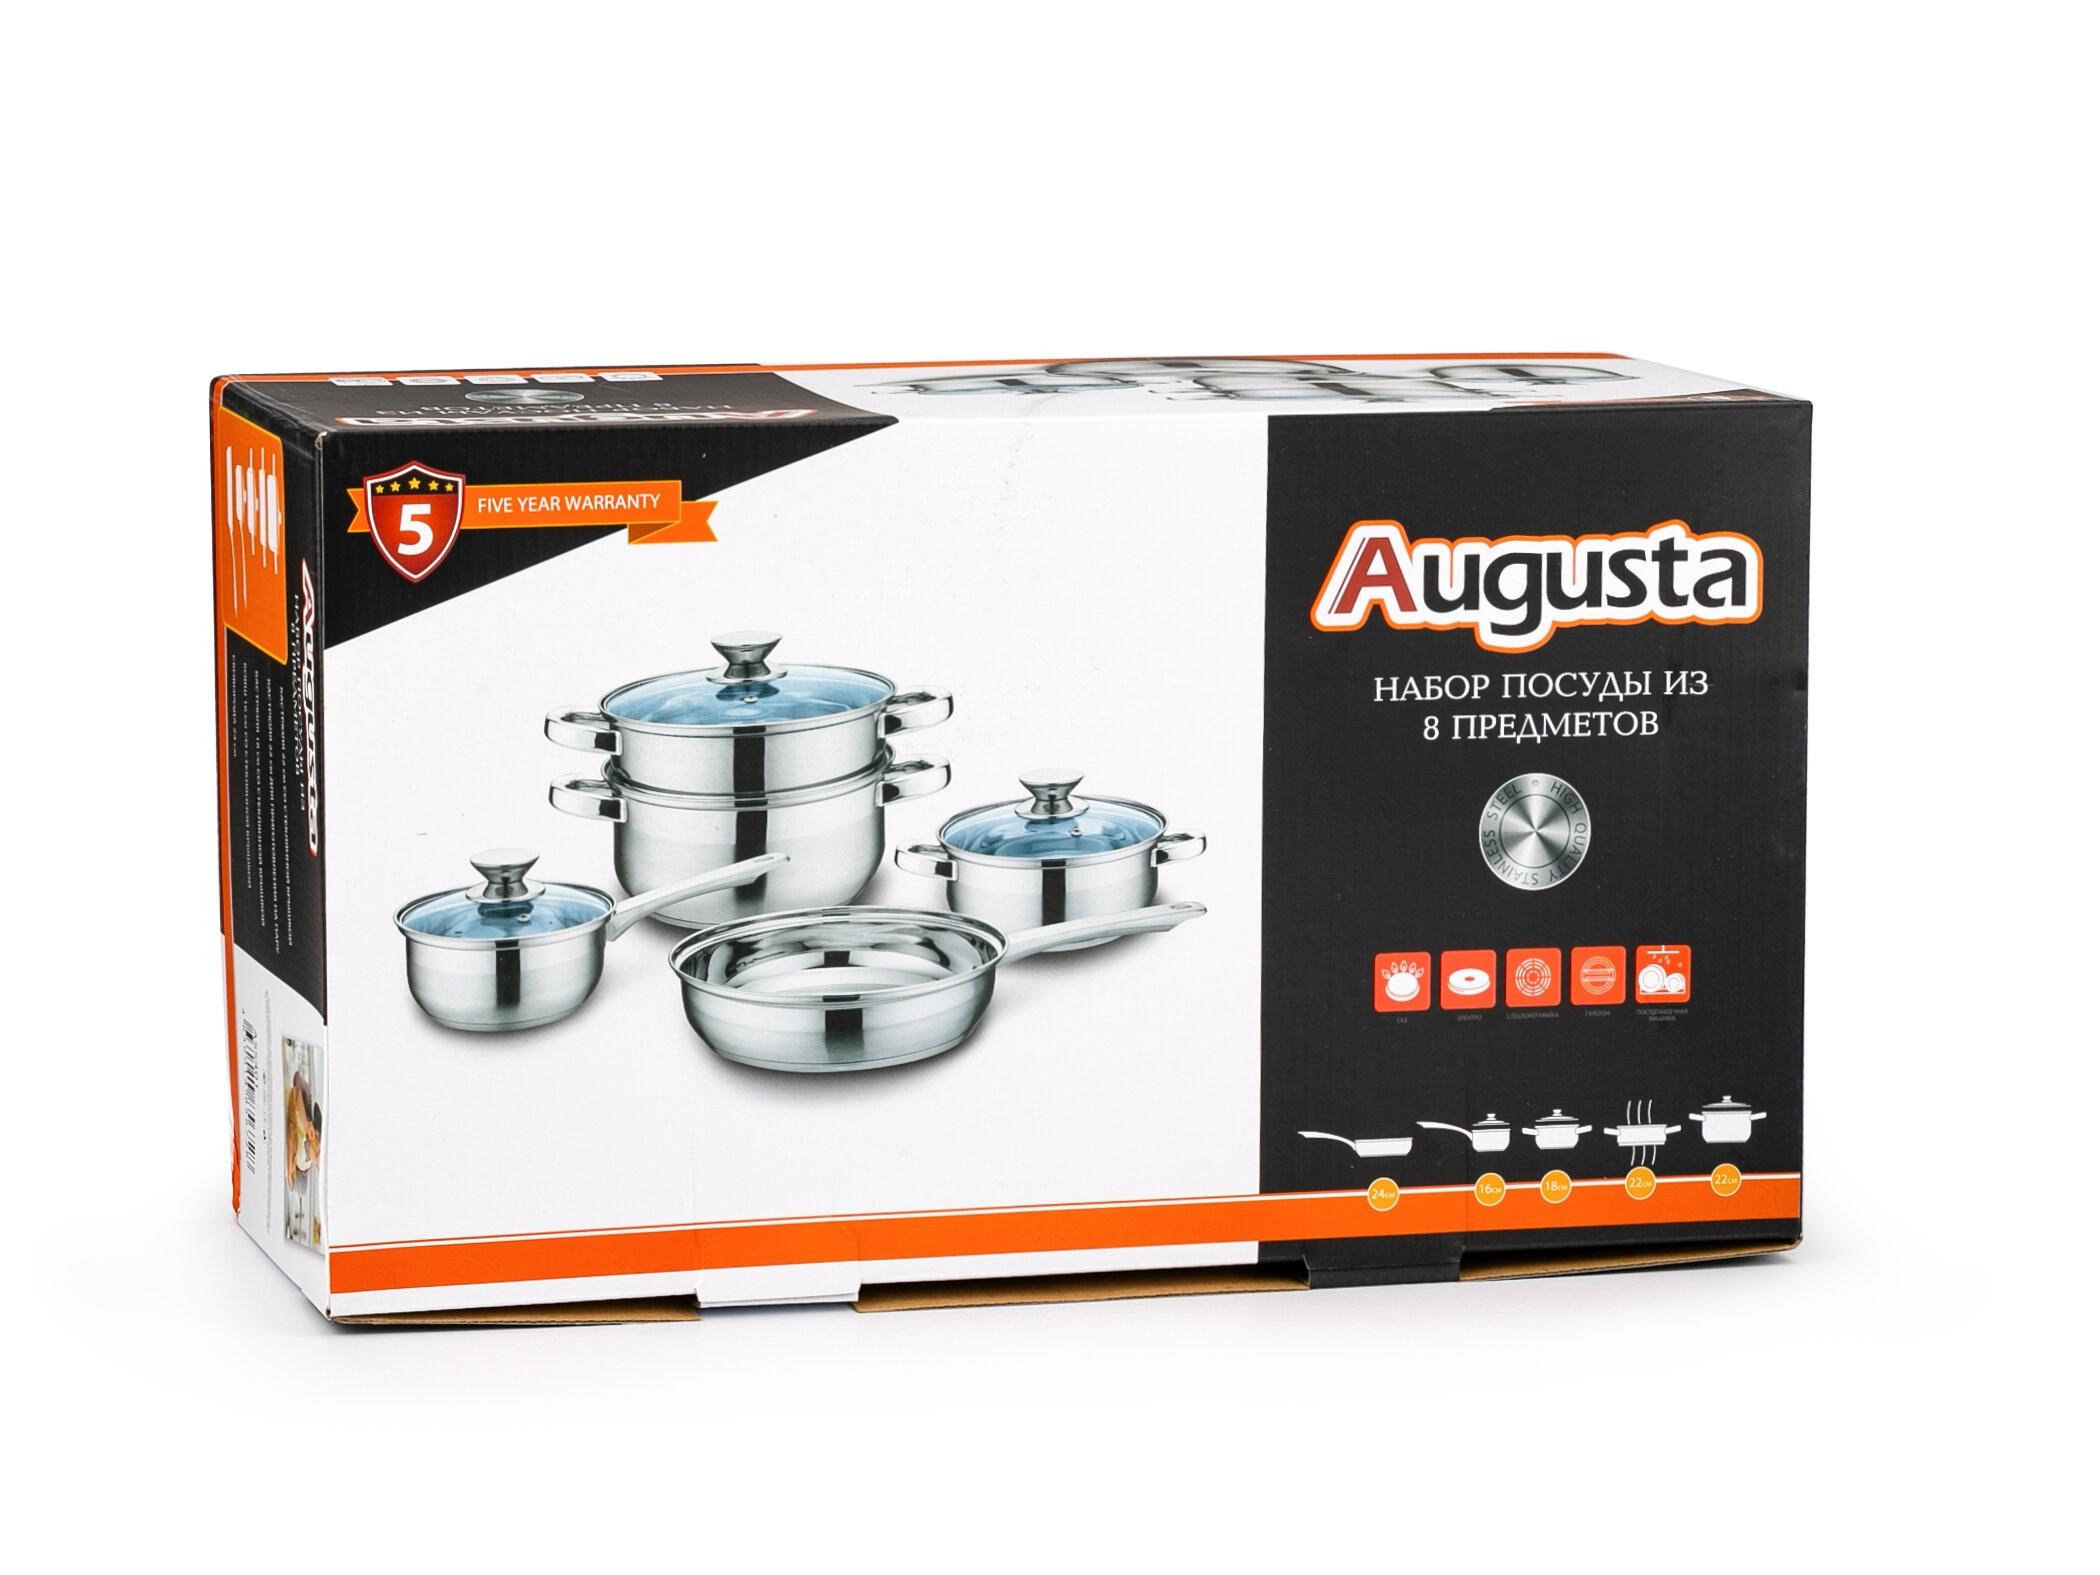 Набор посуды 8 предметов ATTRUBITE AUGUSTA набор посуды rainstahl 8 предметов 0716bh